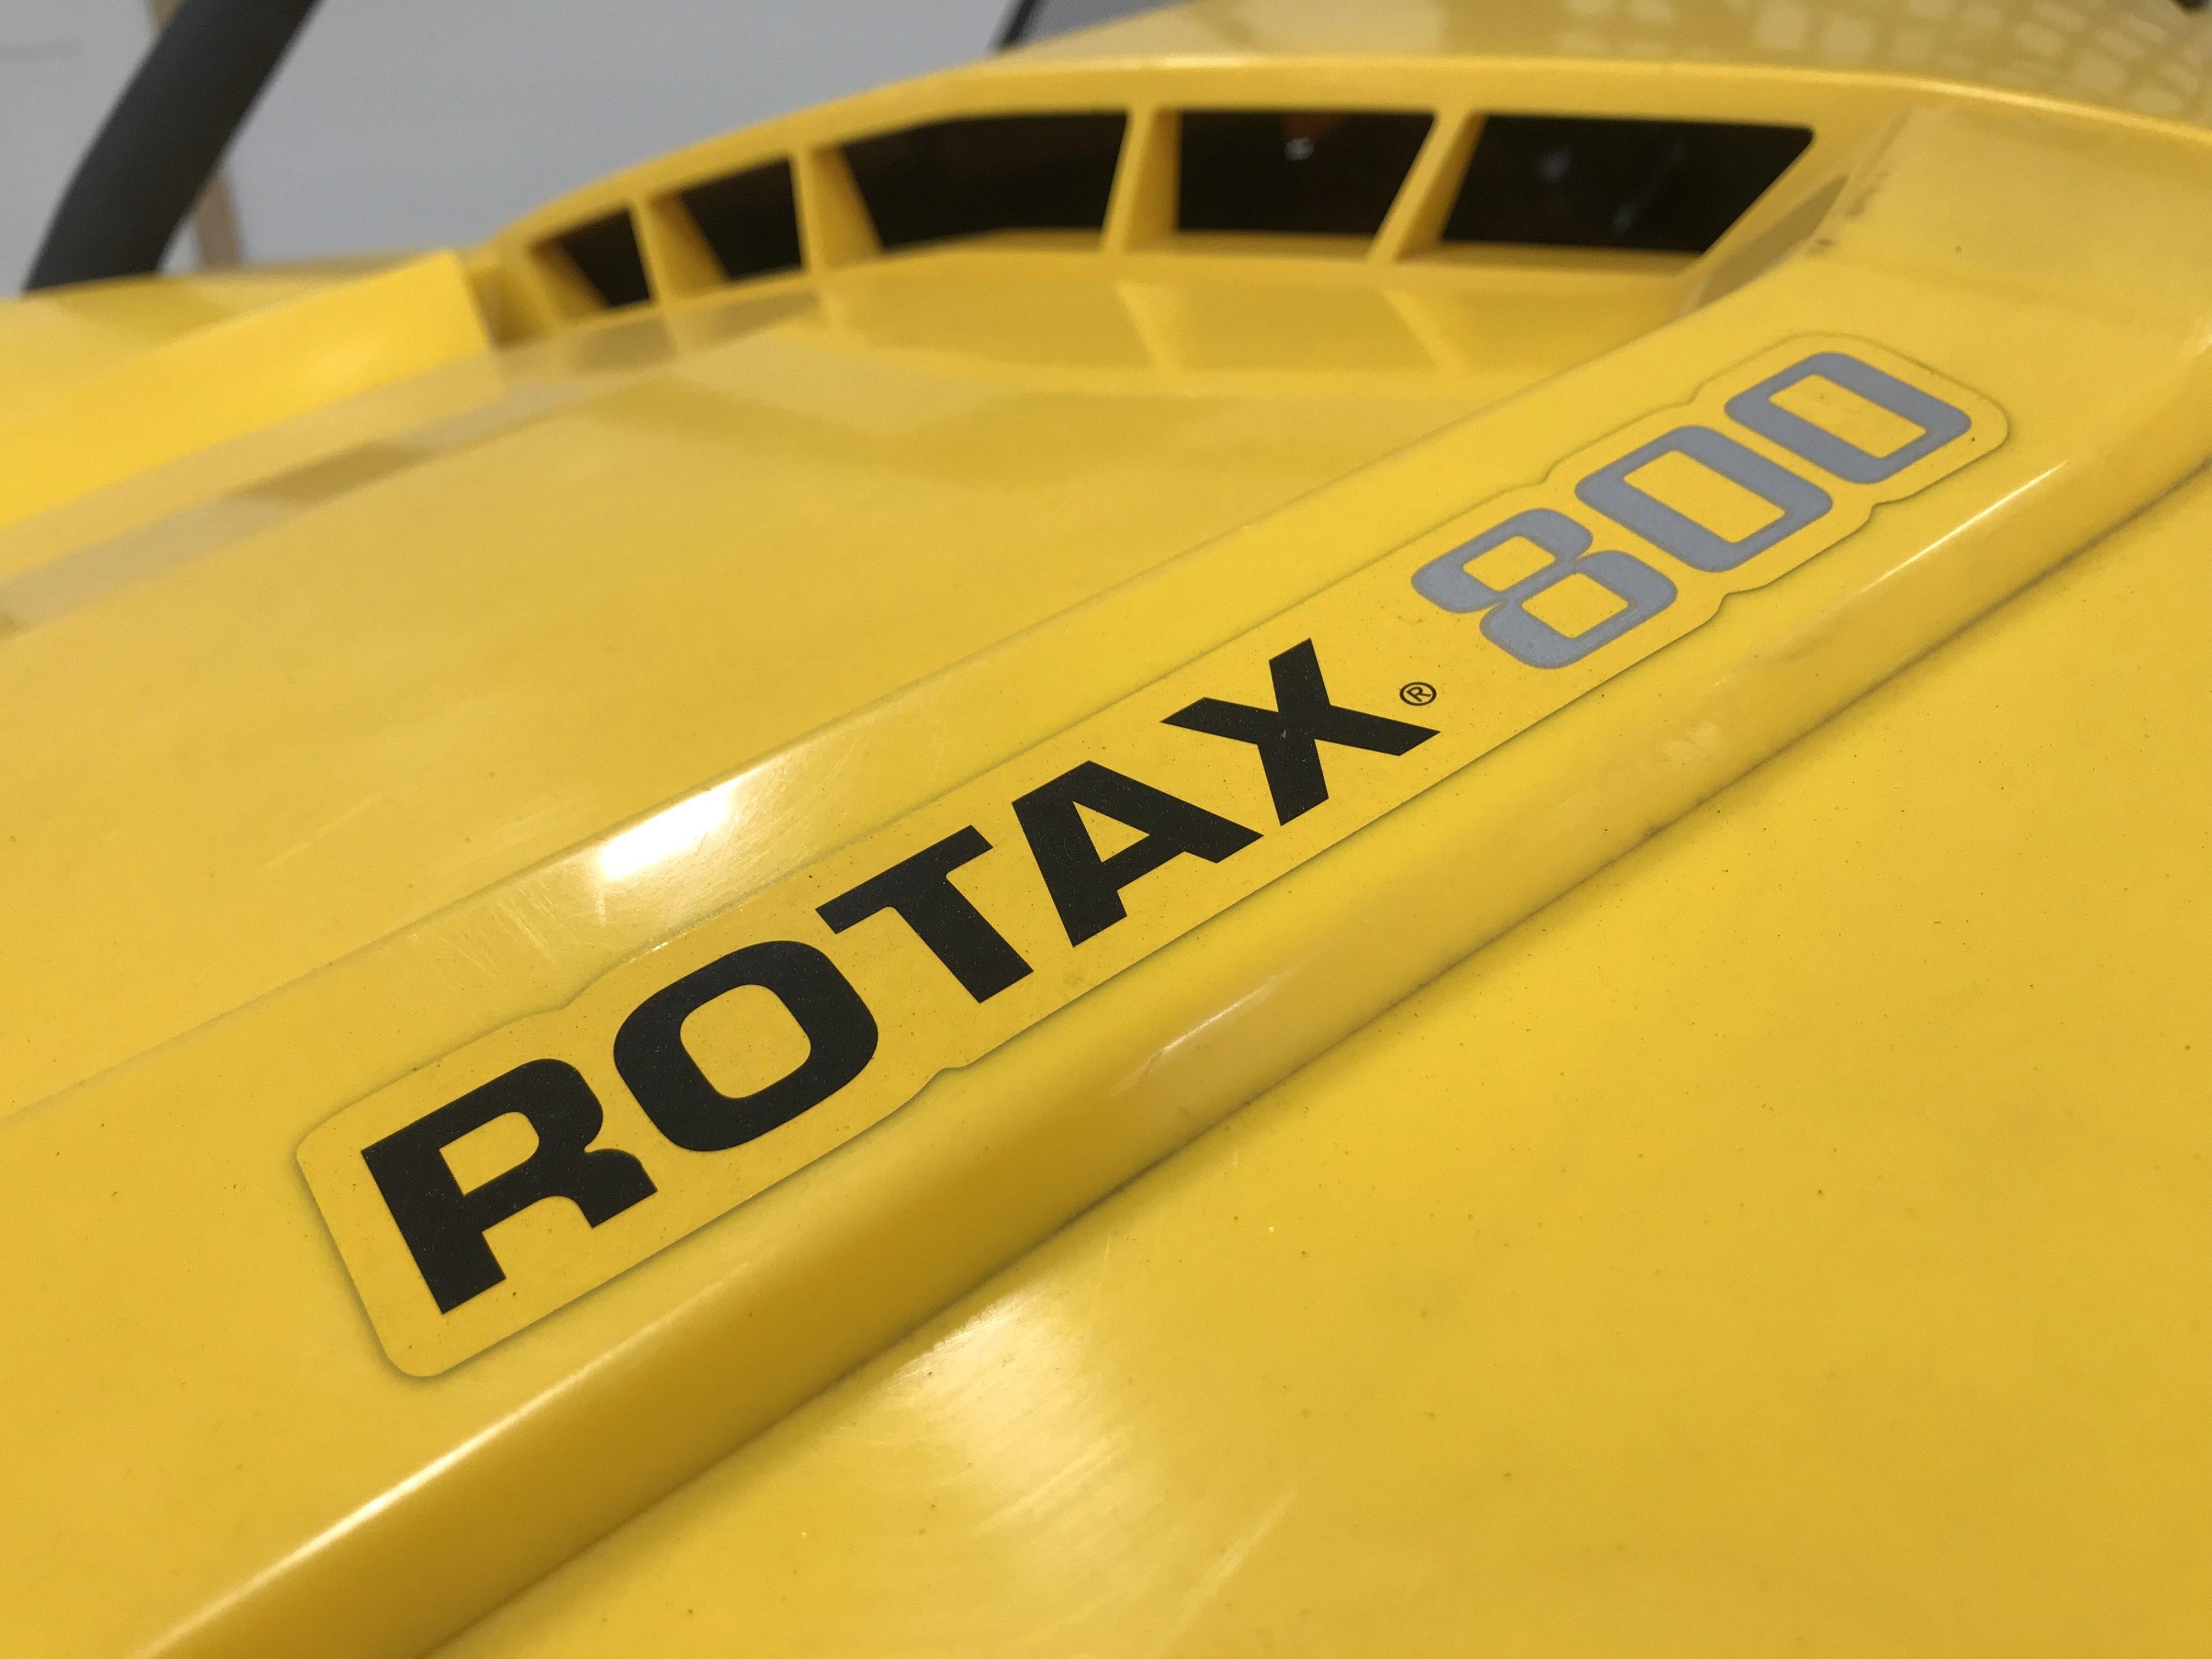 rotax 800